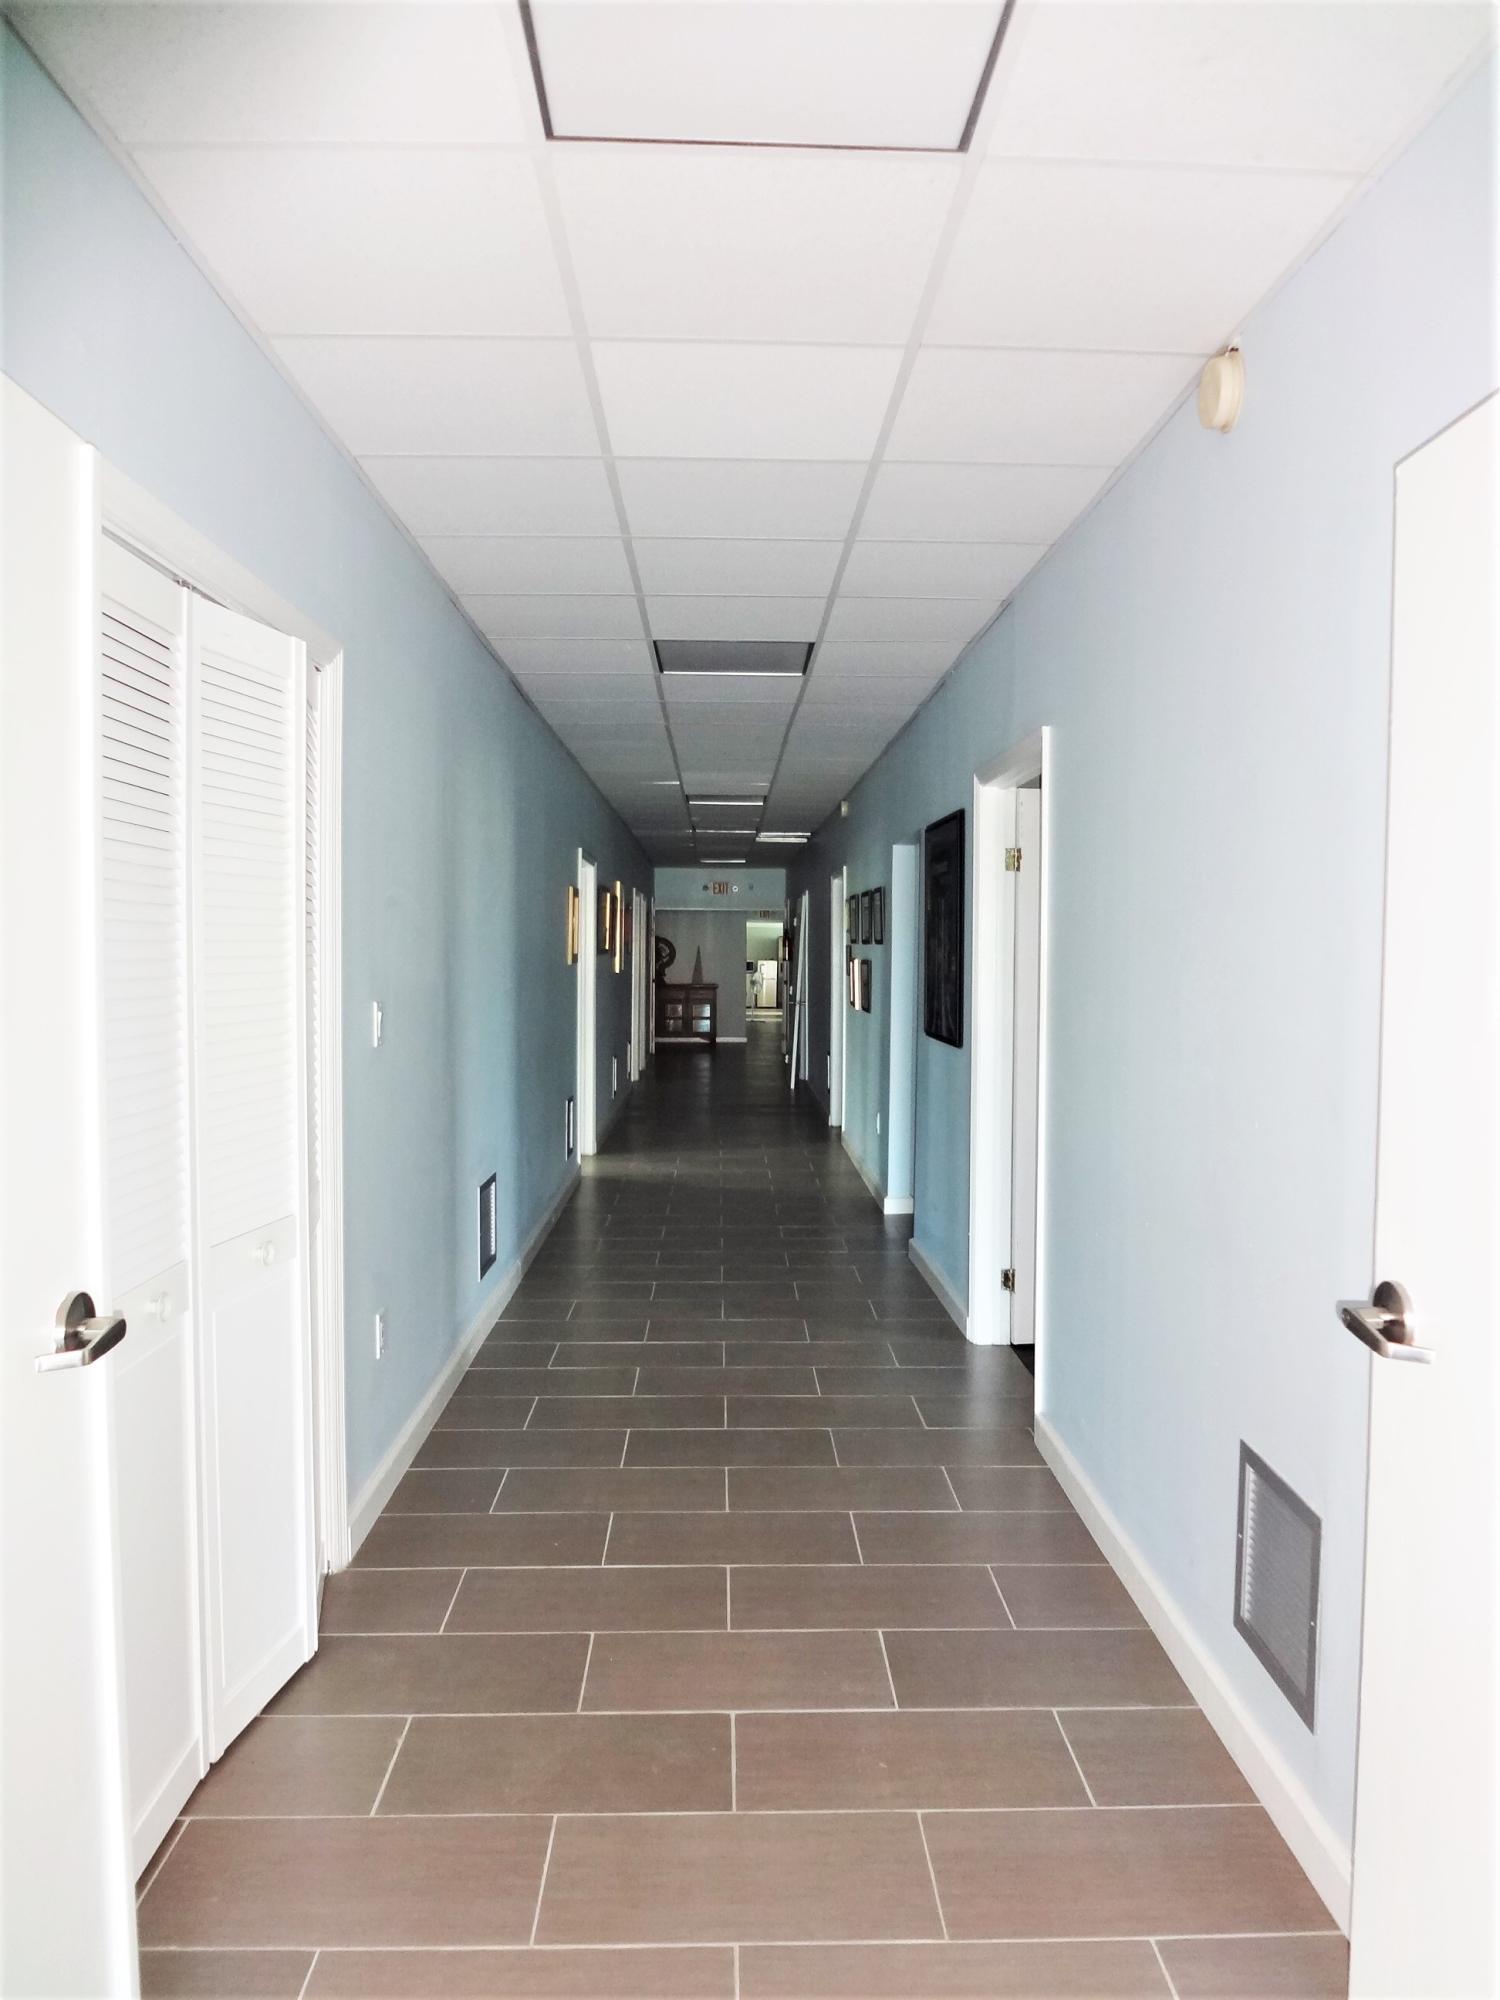 Hallway to Rooms Suite 1